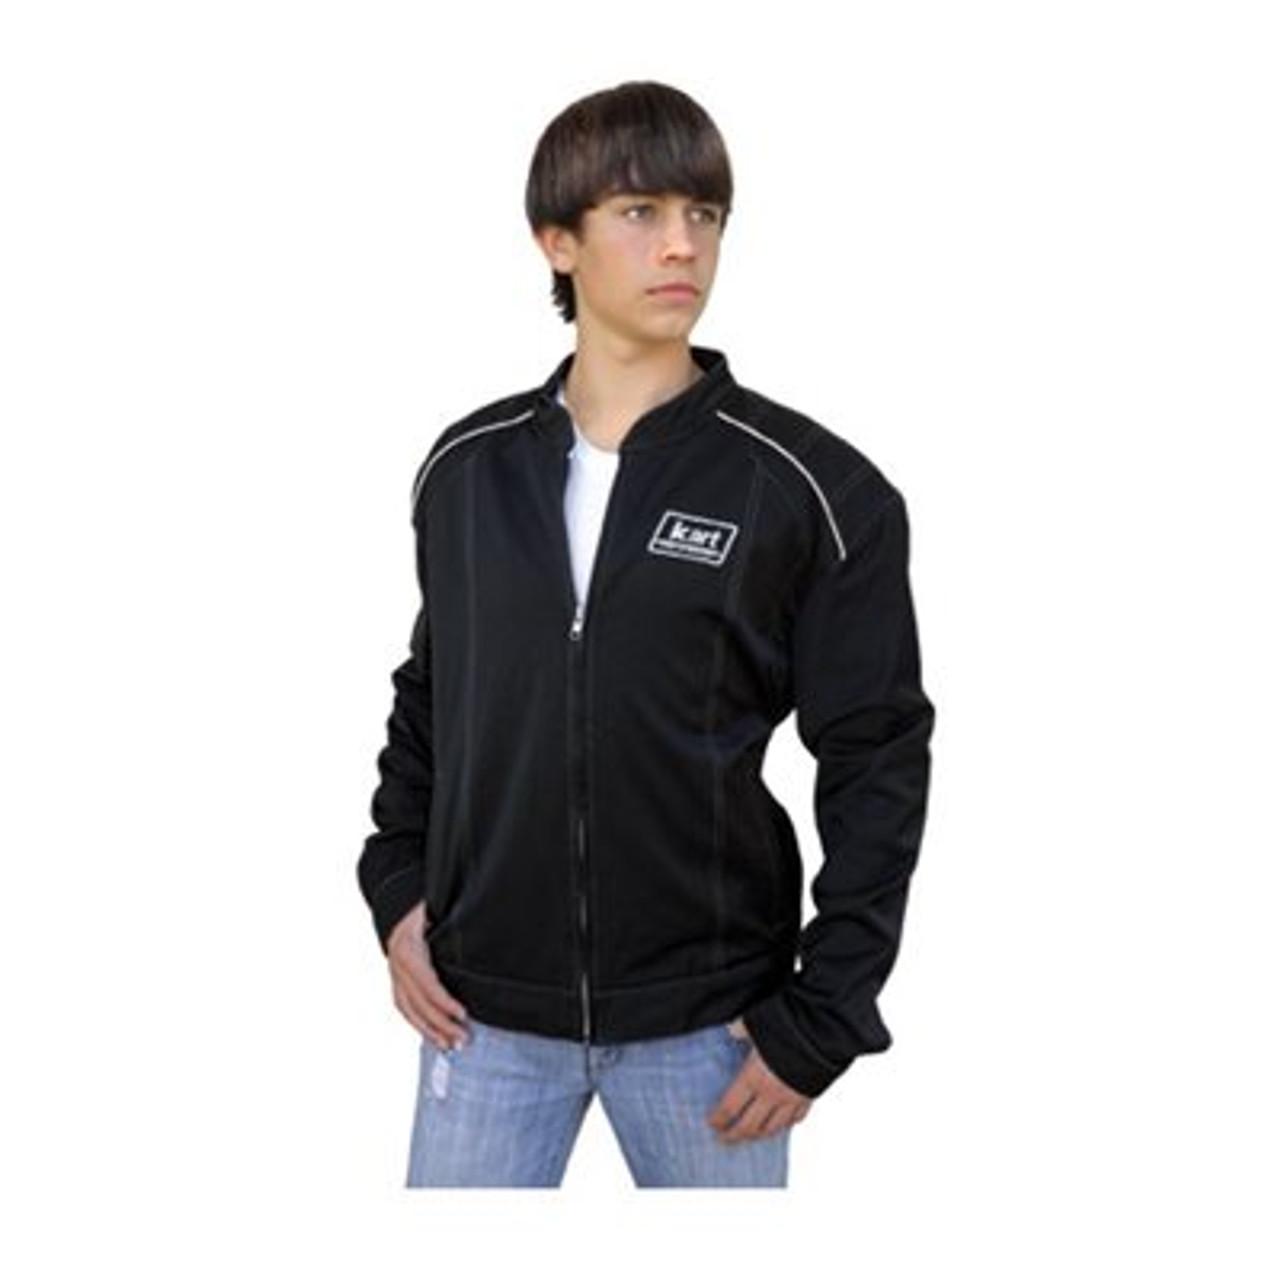 Kart Racewear premium karting jacket, youth X-large